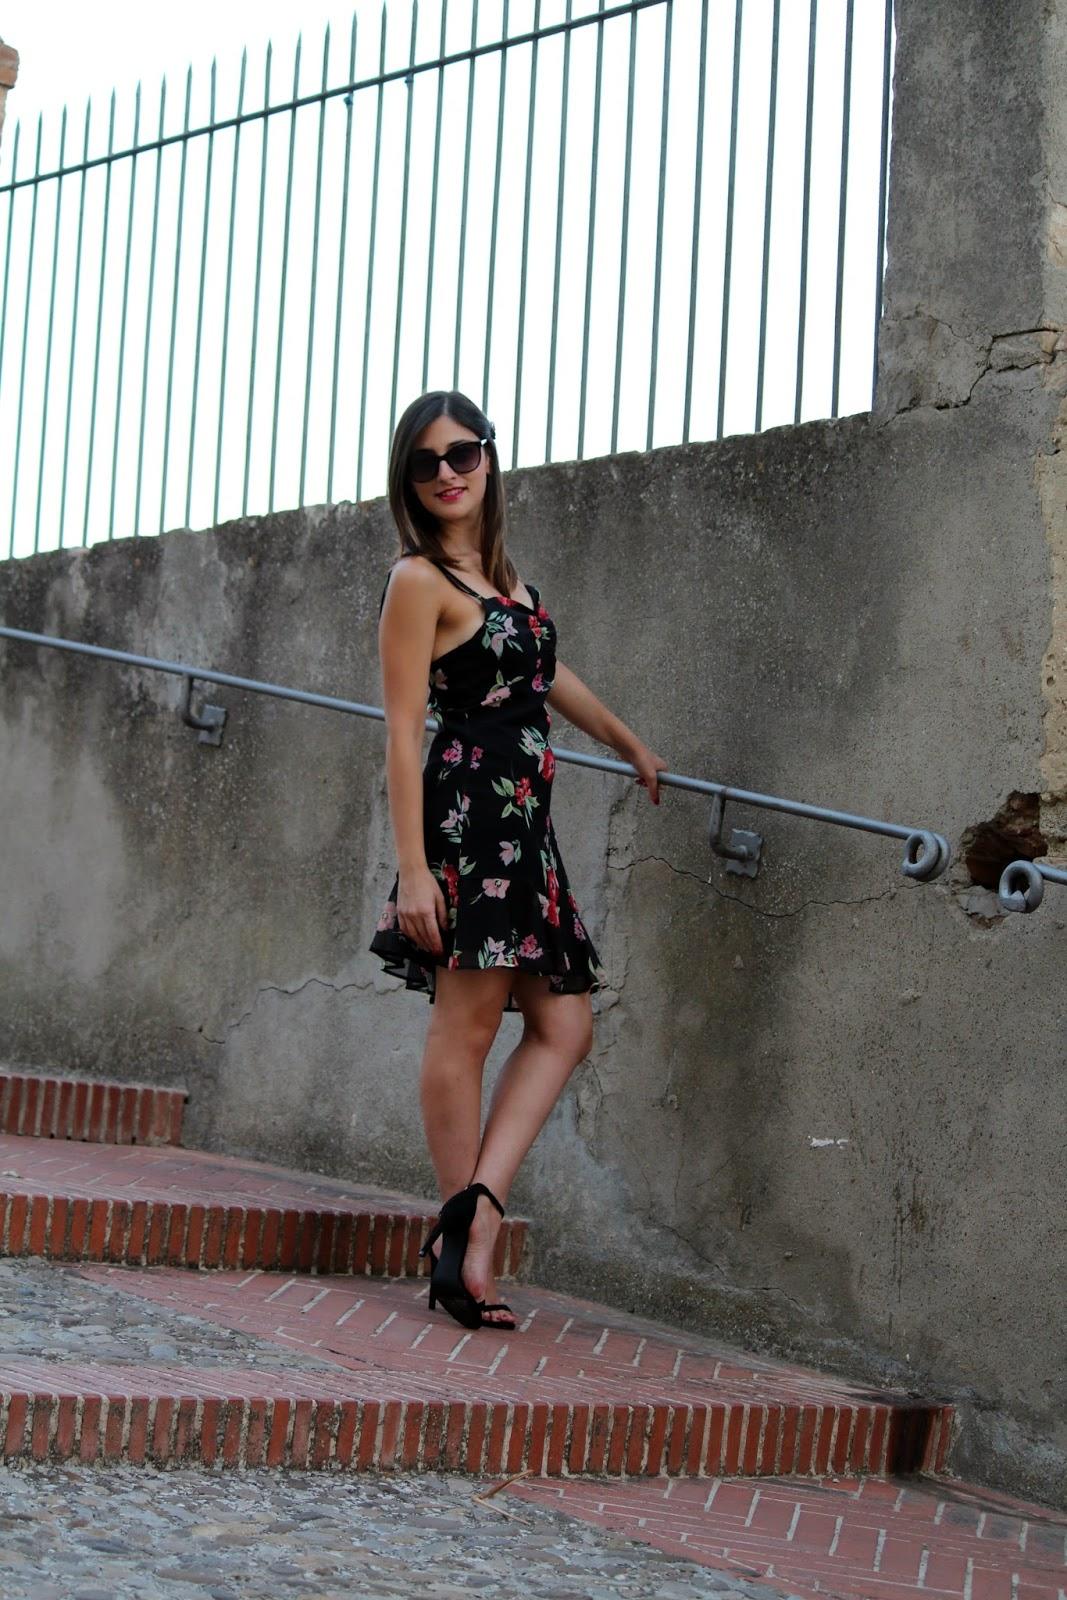 ragazza scale vestito sandali